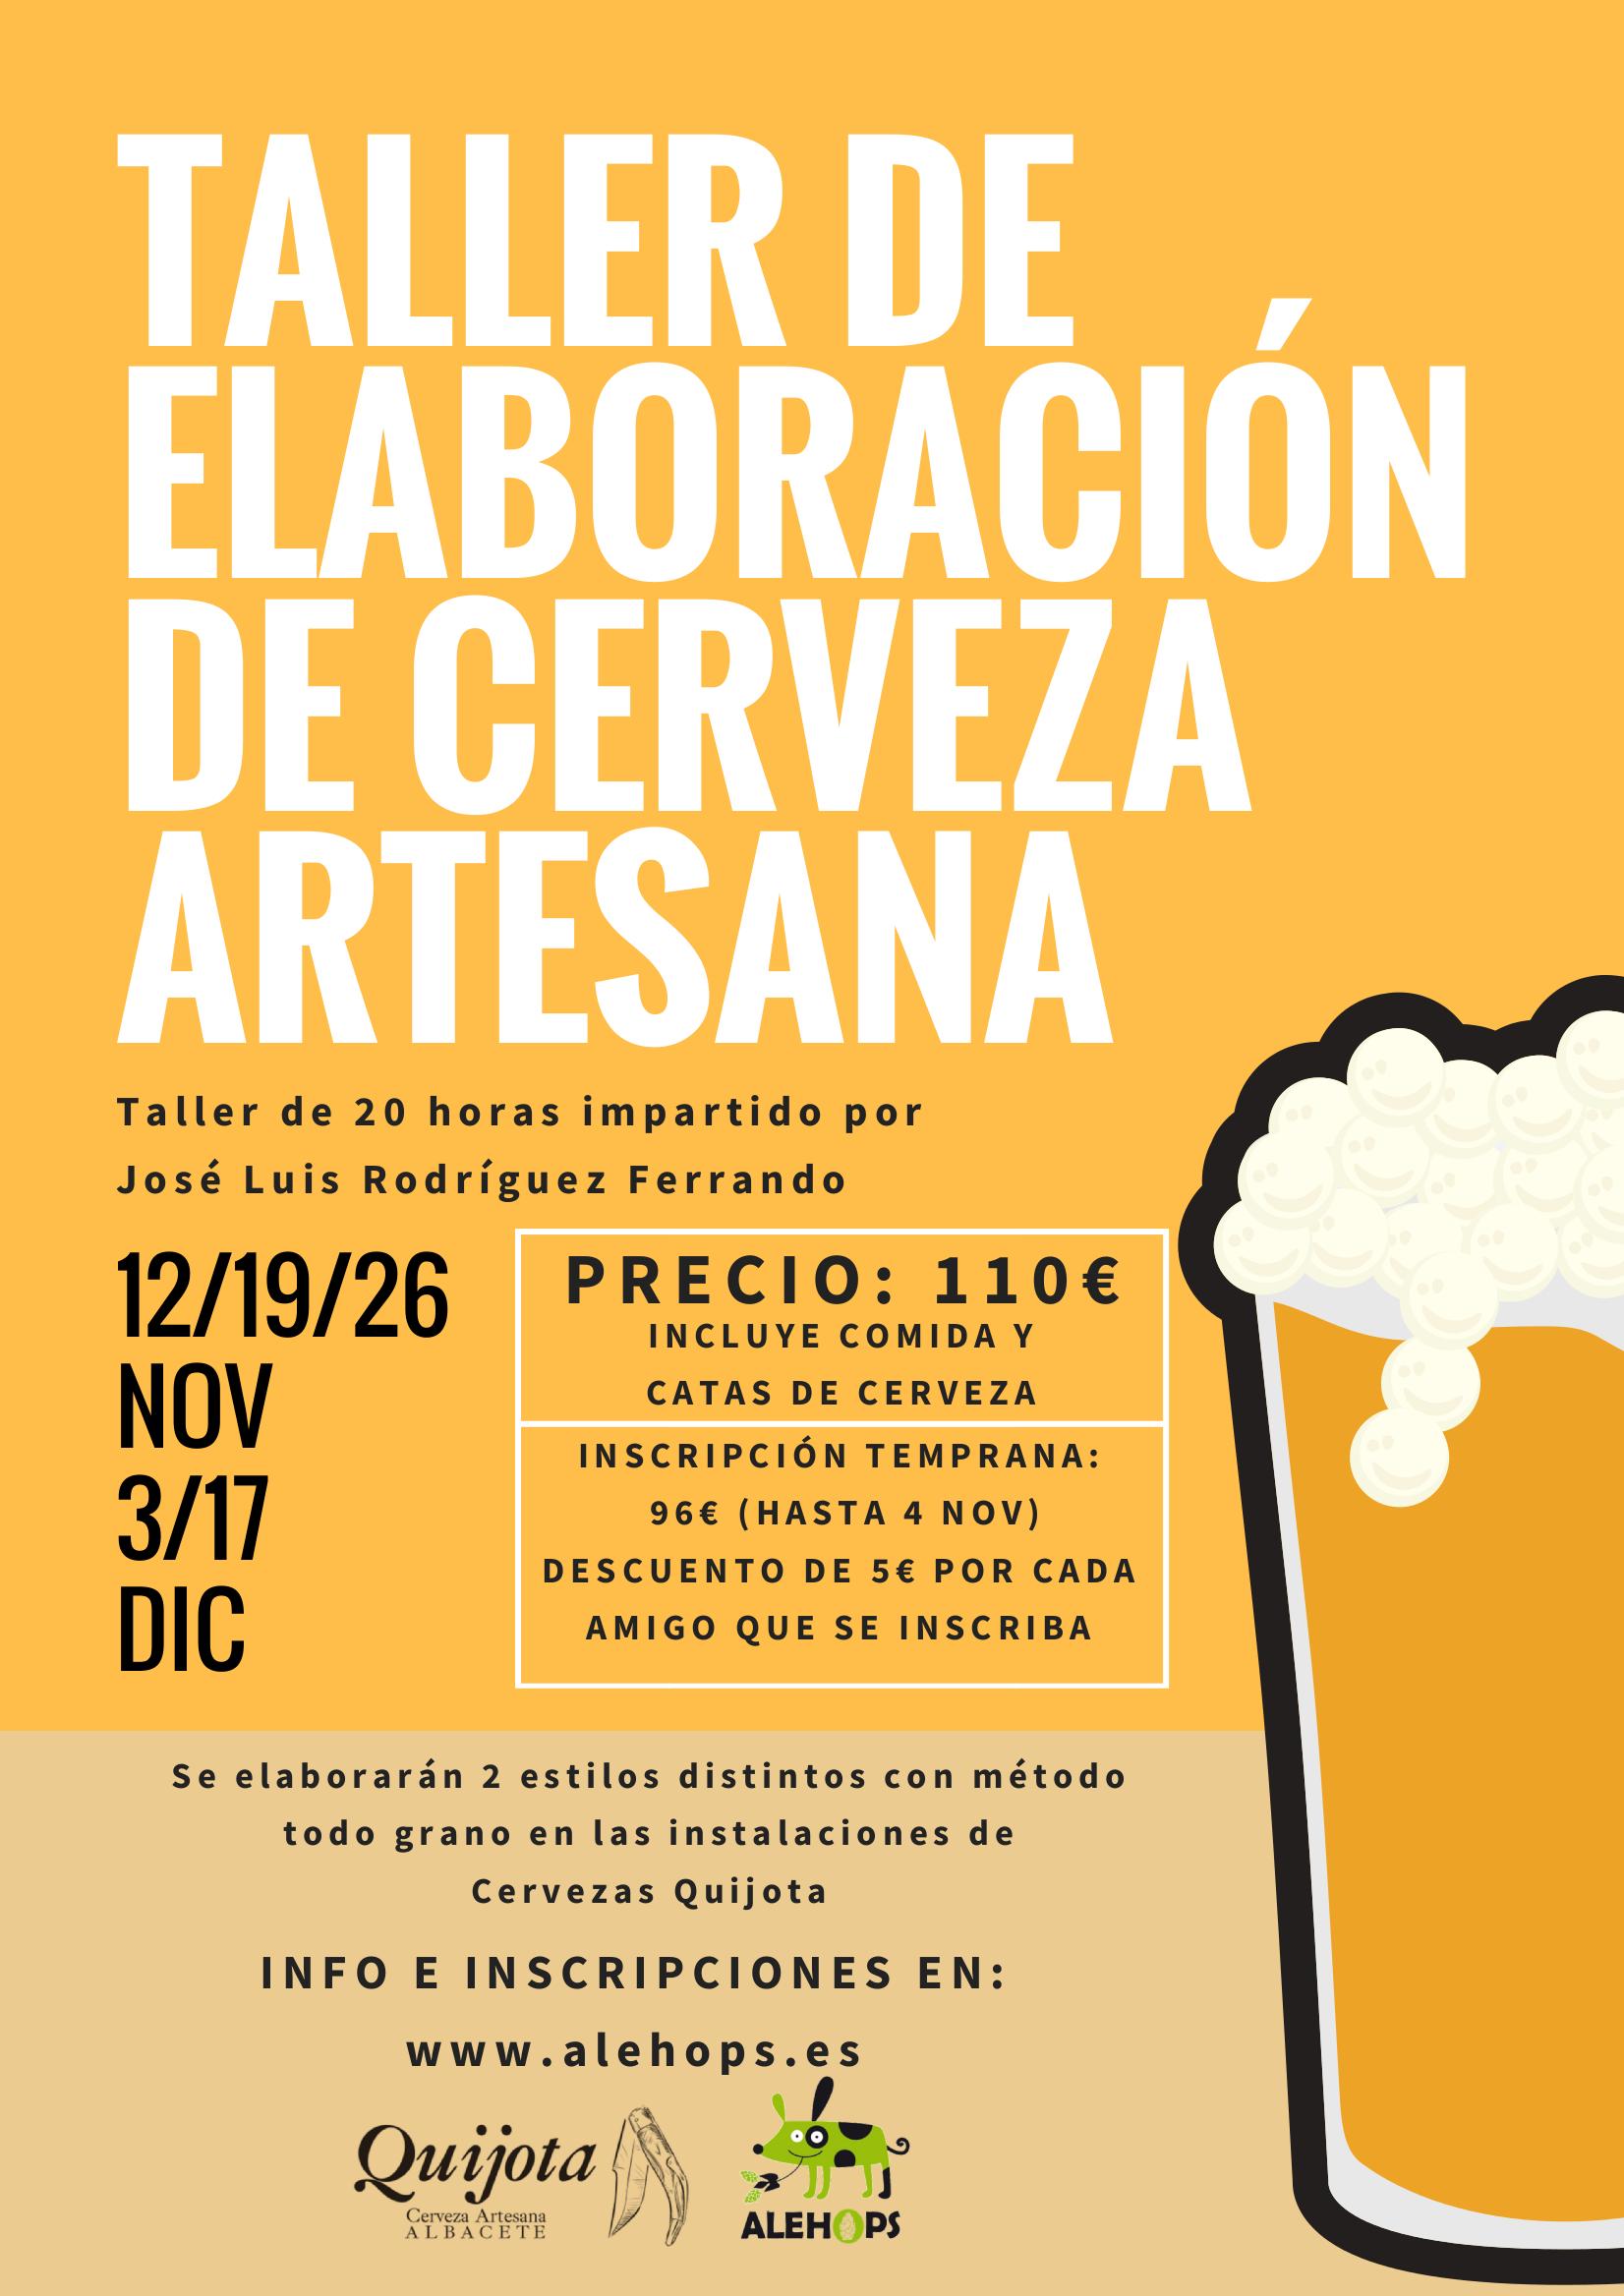 b47c1384e9f67 Alehops - Taller de elaboración de cerveza artesana